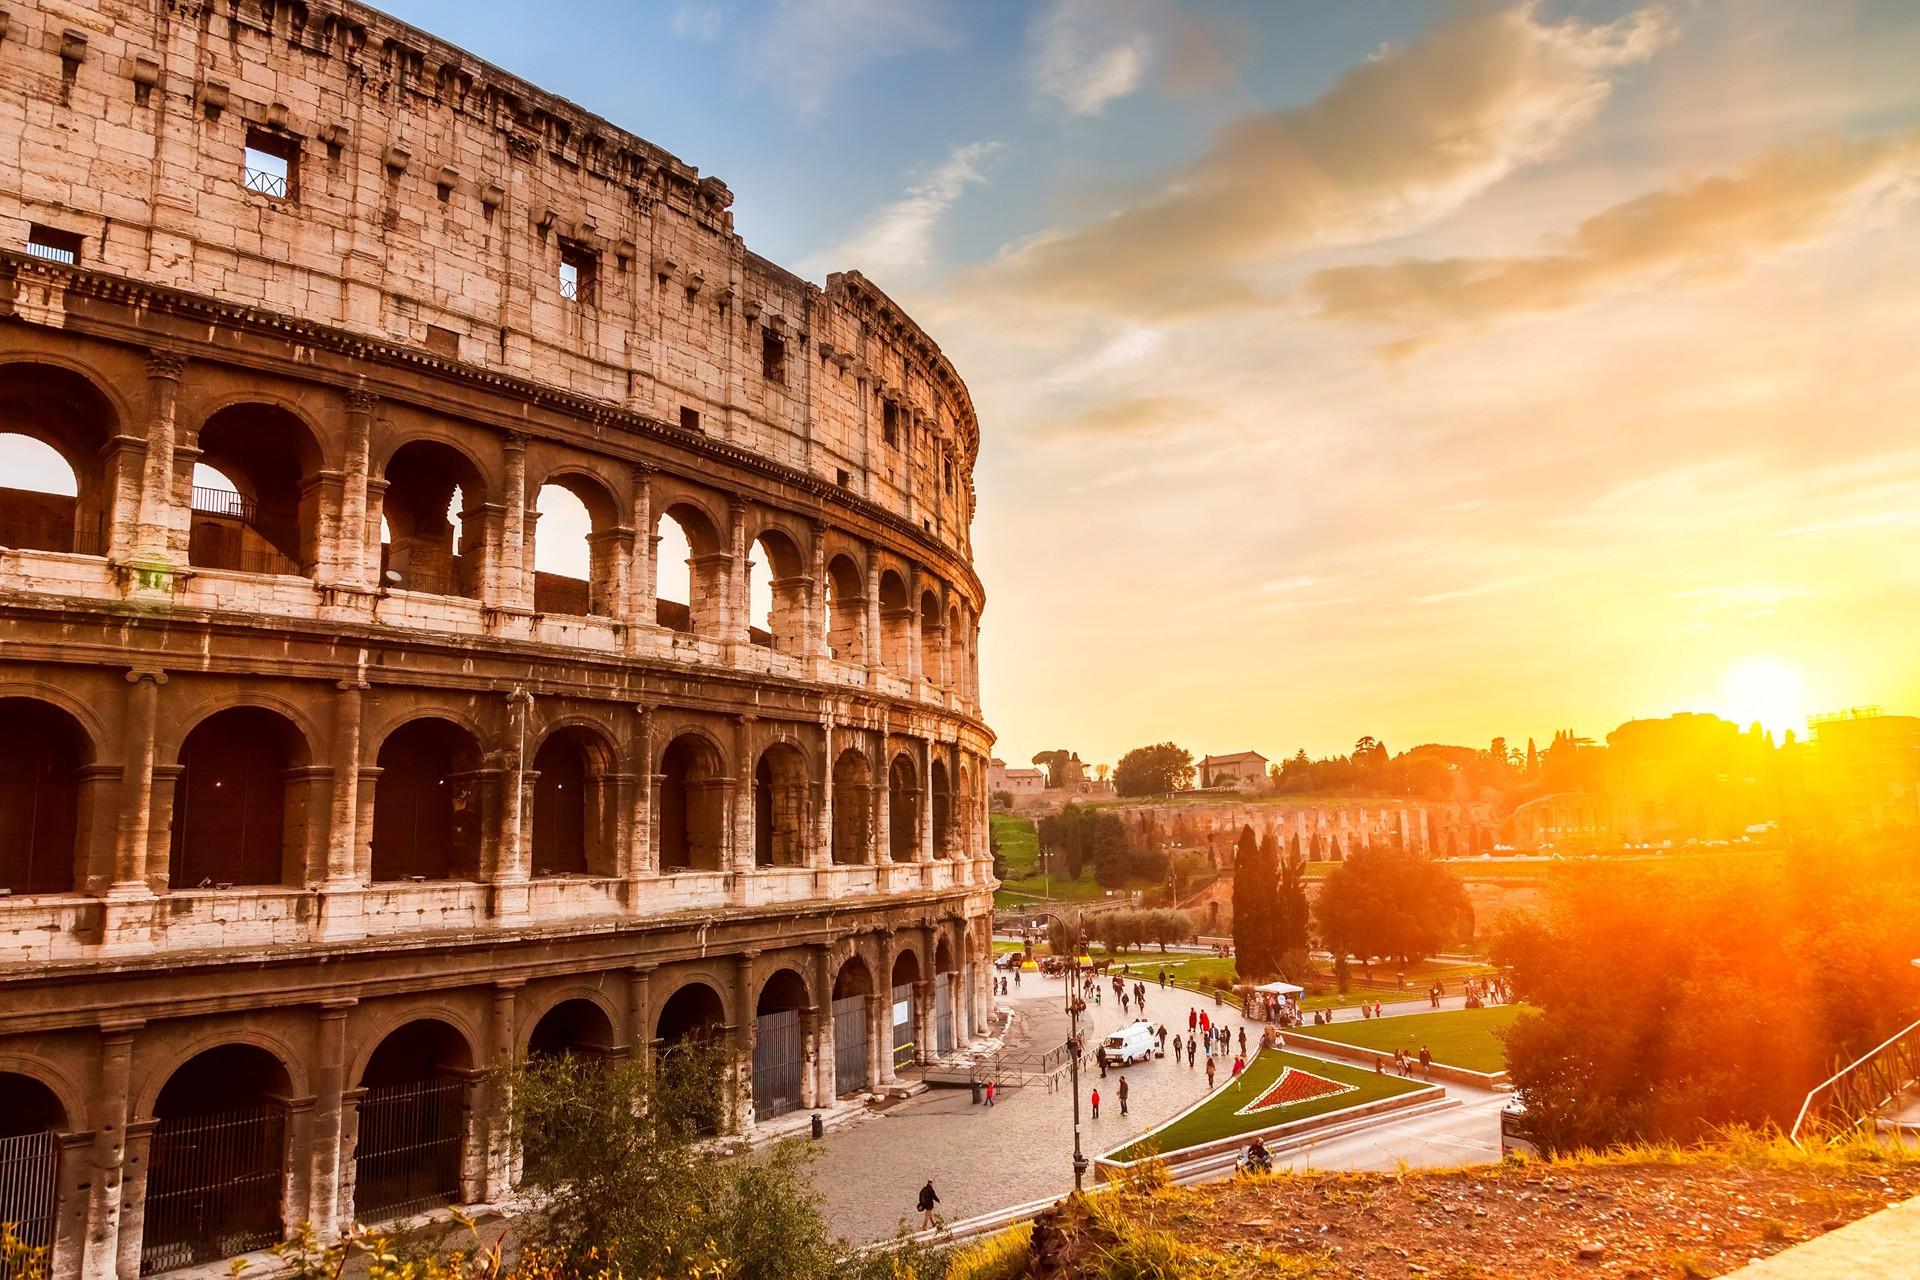 Il Parco Archeologico del Colosseo riapre l'1 giugno con una nuova bigliettazione e nuovi orari